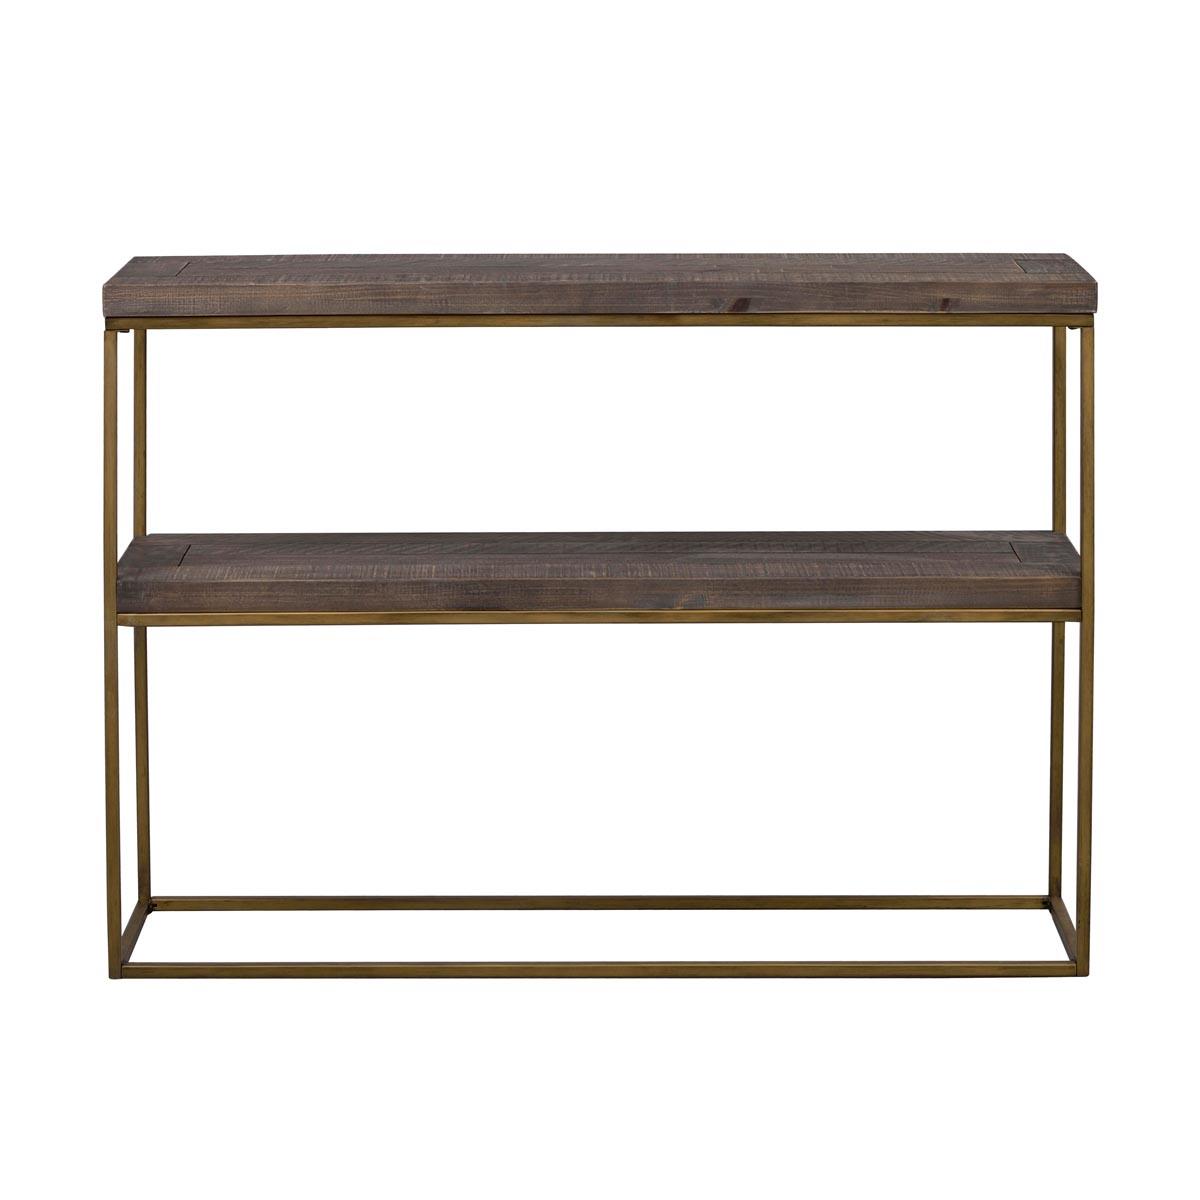 Dalton avlastningsbord brun vintage guld